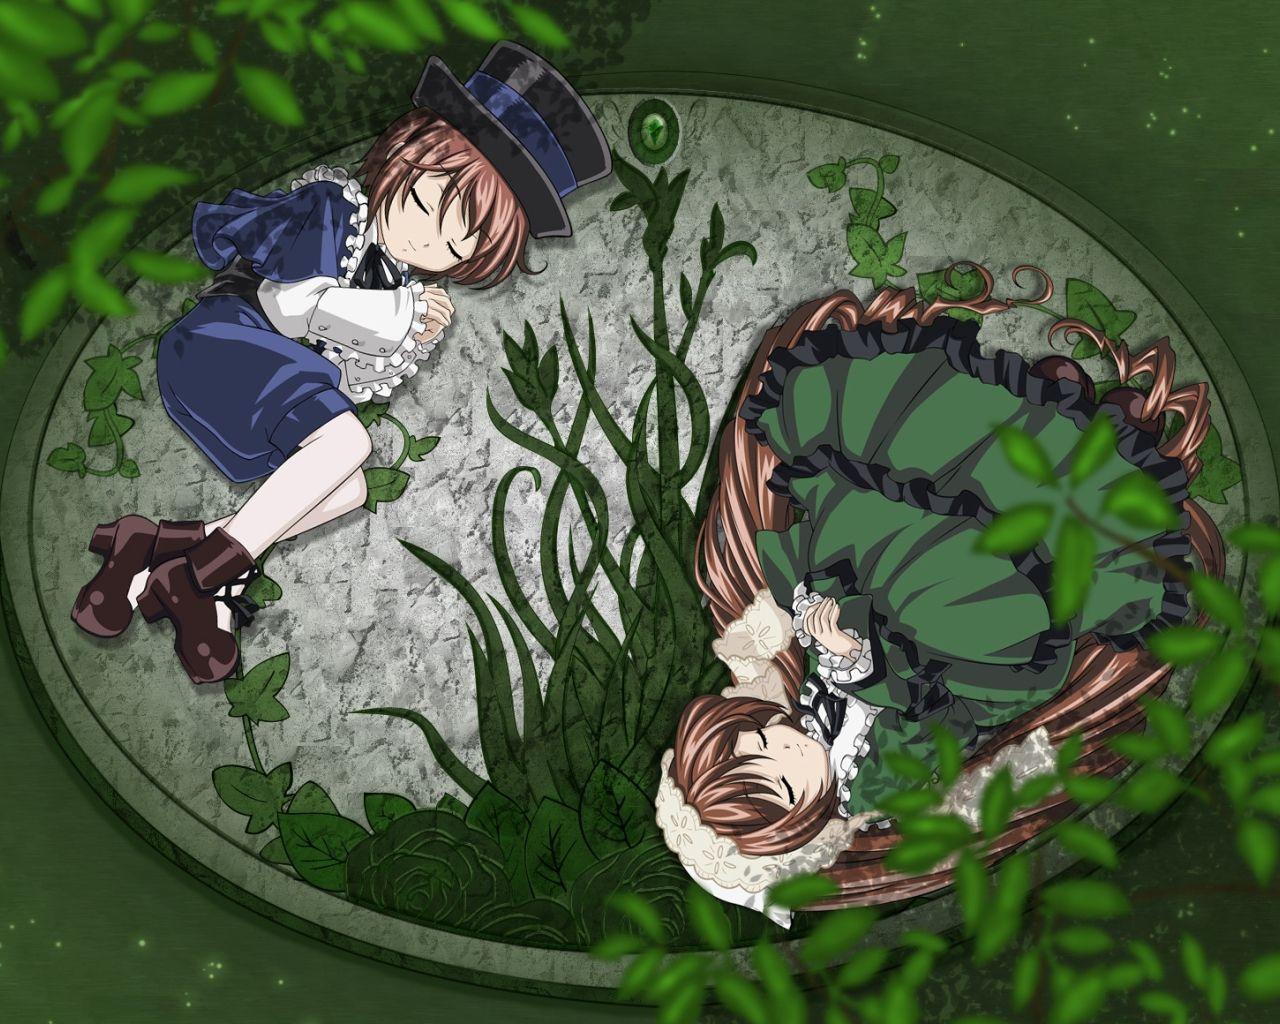 少女蔷薇游幻影剑舞手攻略游戏攻略 攻略陆陆